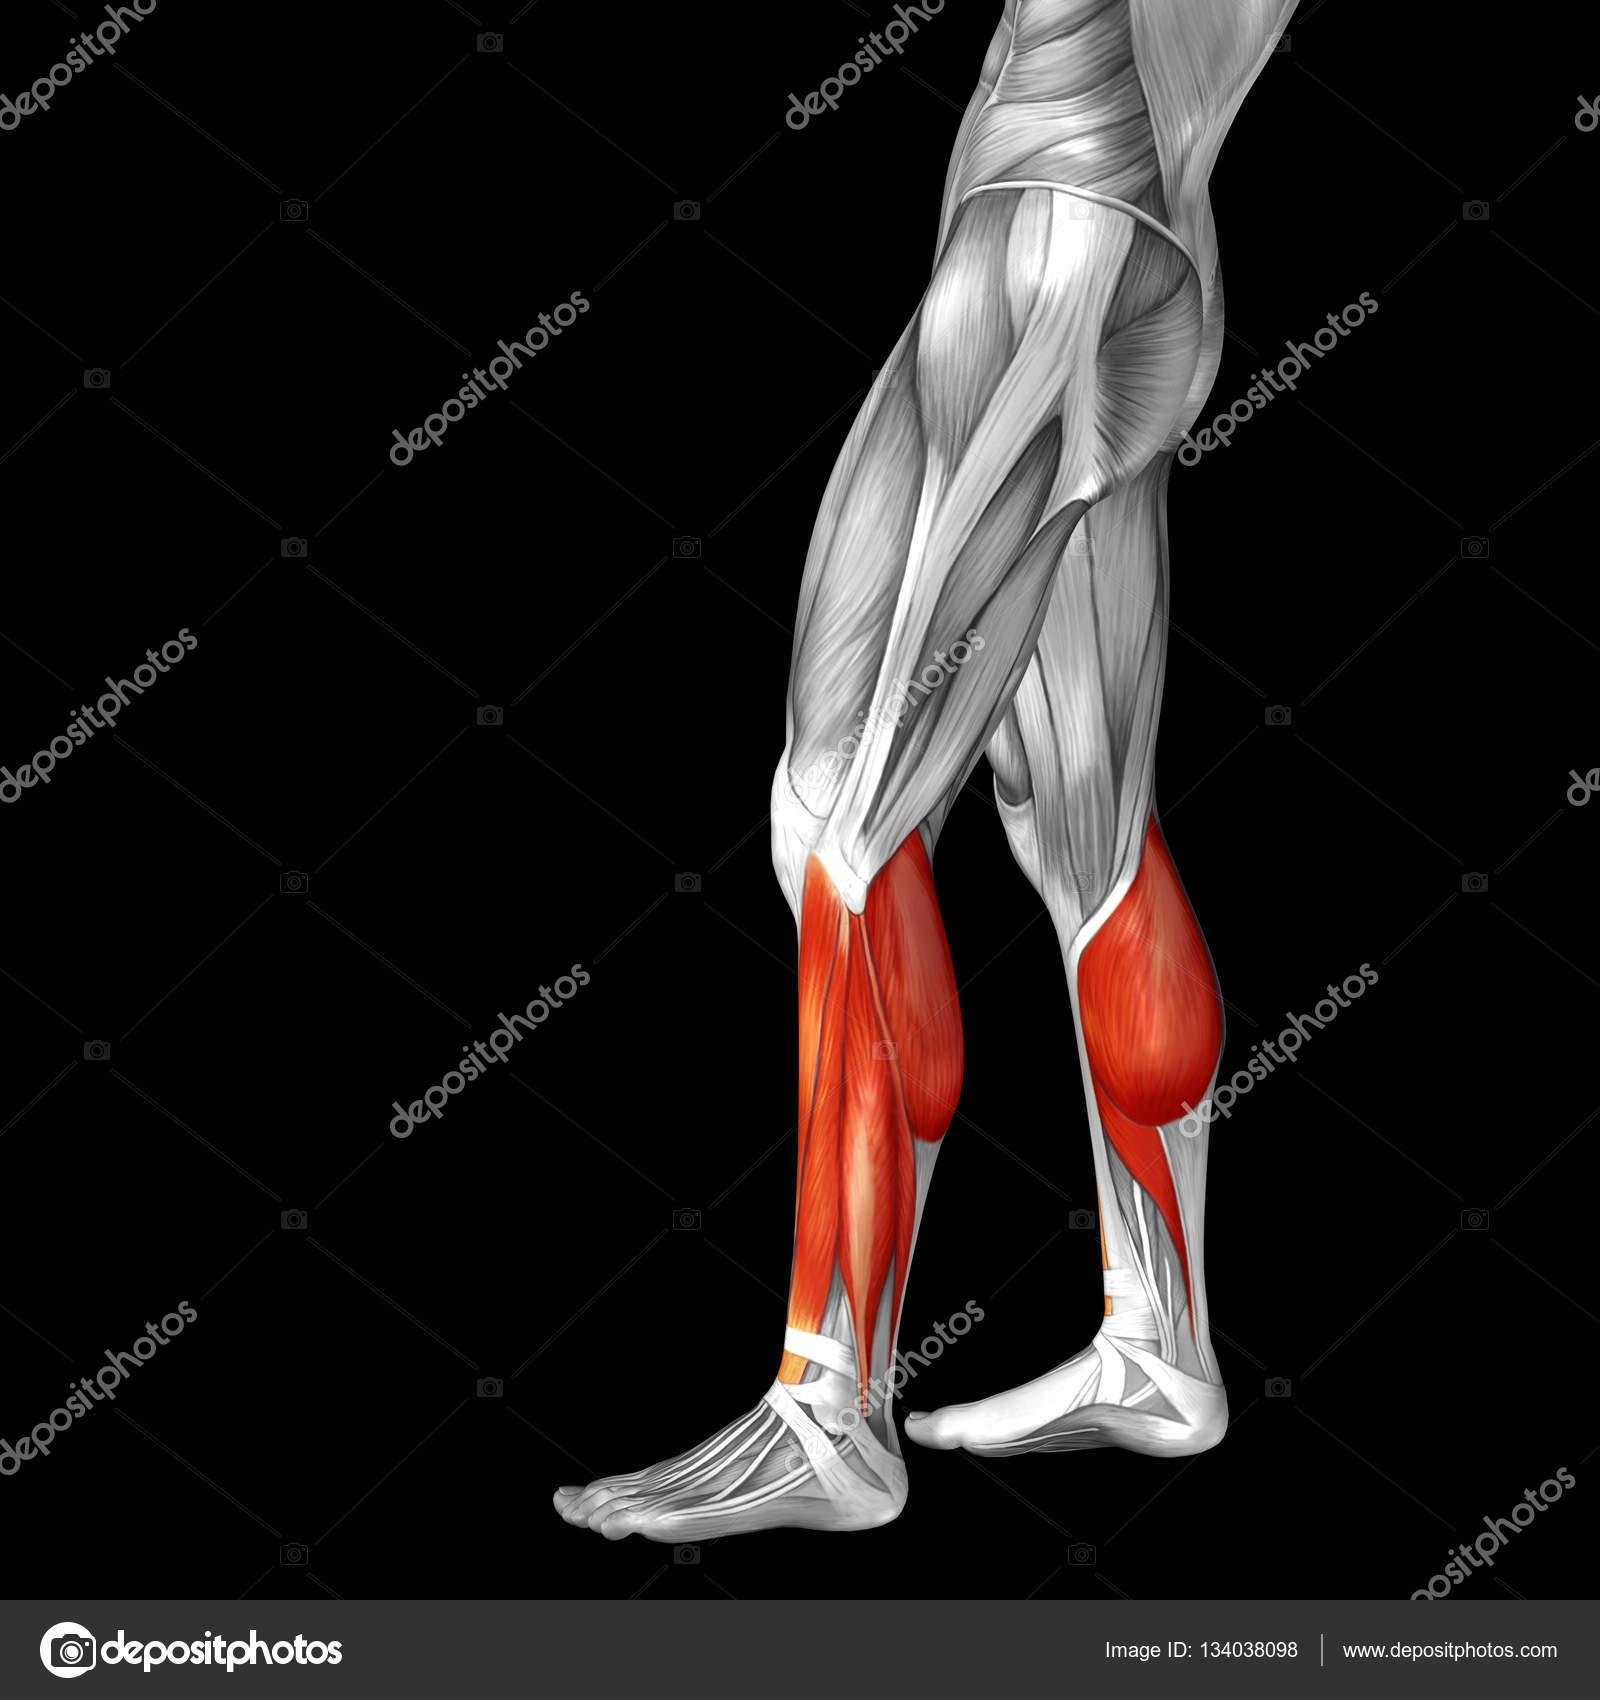 Anatomía de la pierna inferior — Foto de stock © design36 #134038098